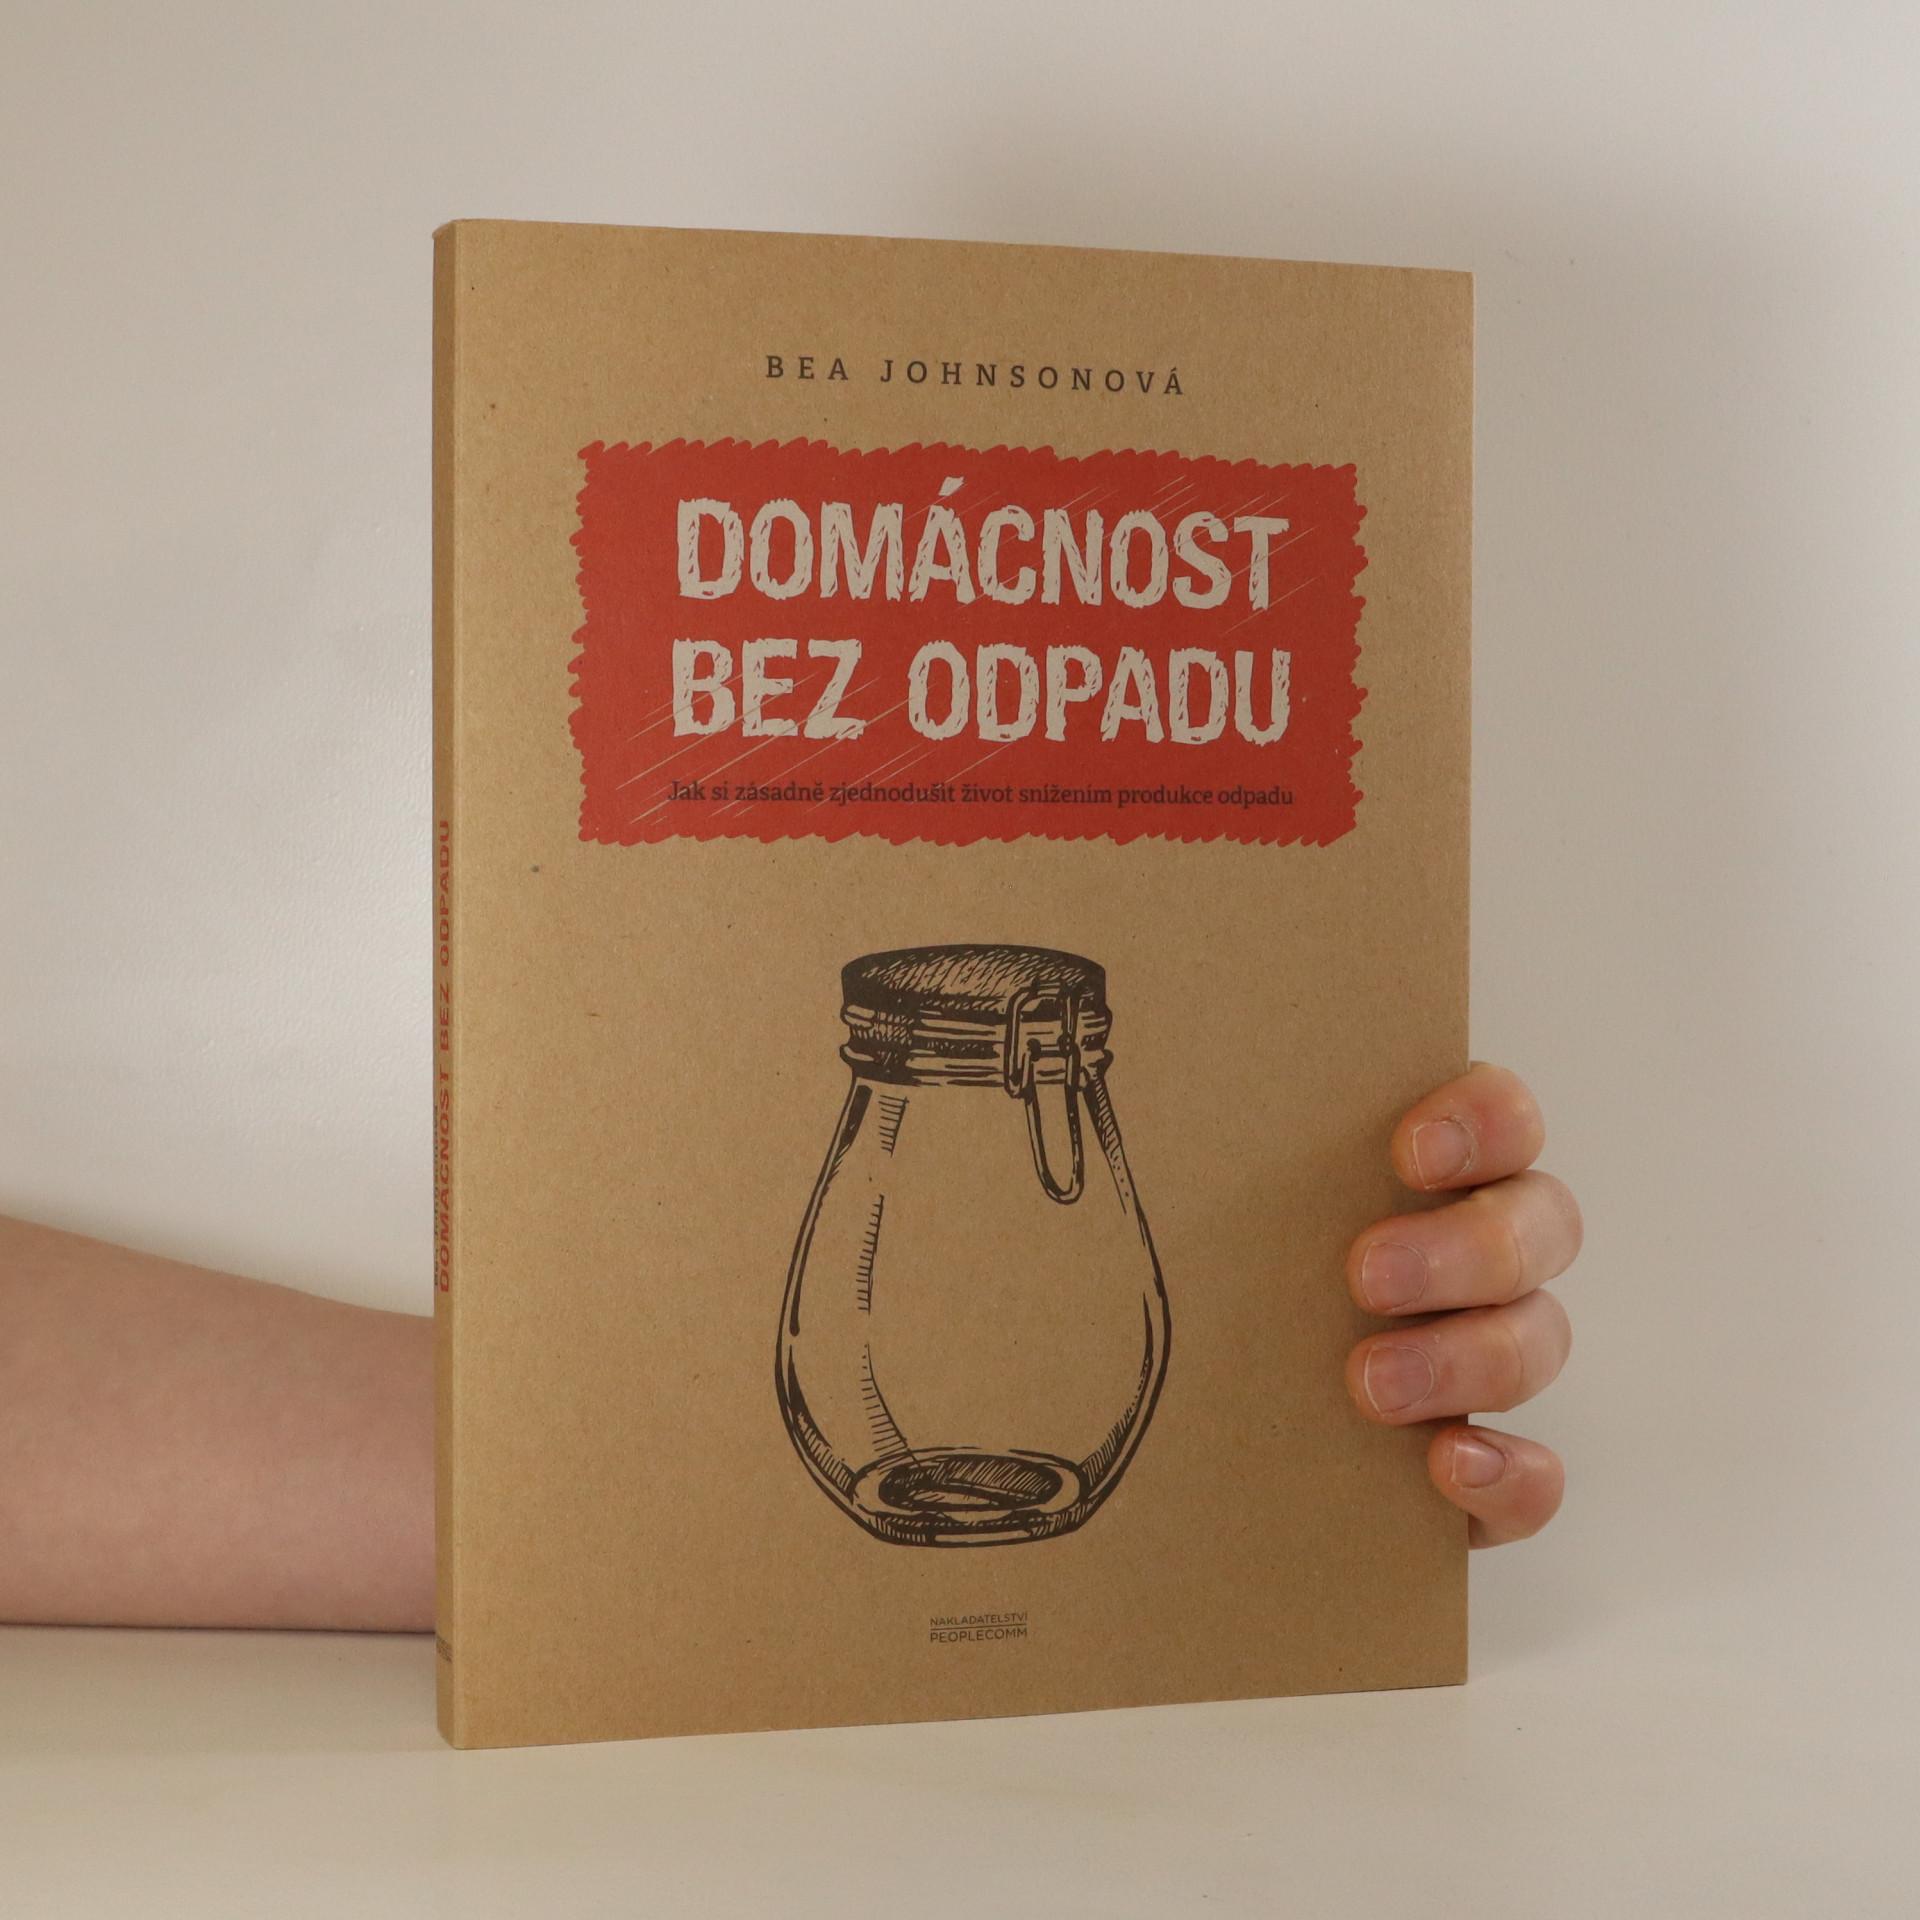 antikvární kniha Domácnost bez odpadu, neuveden